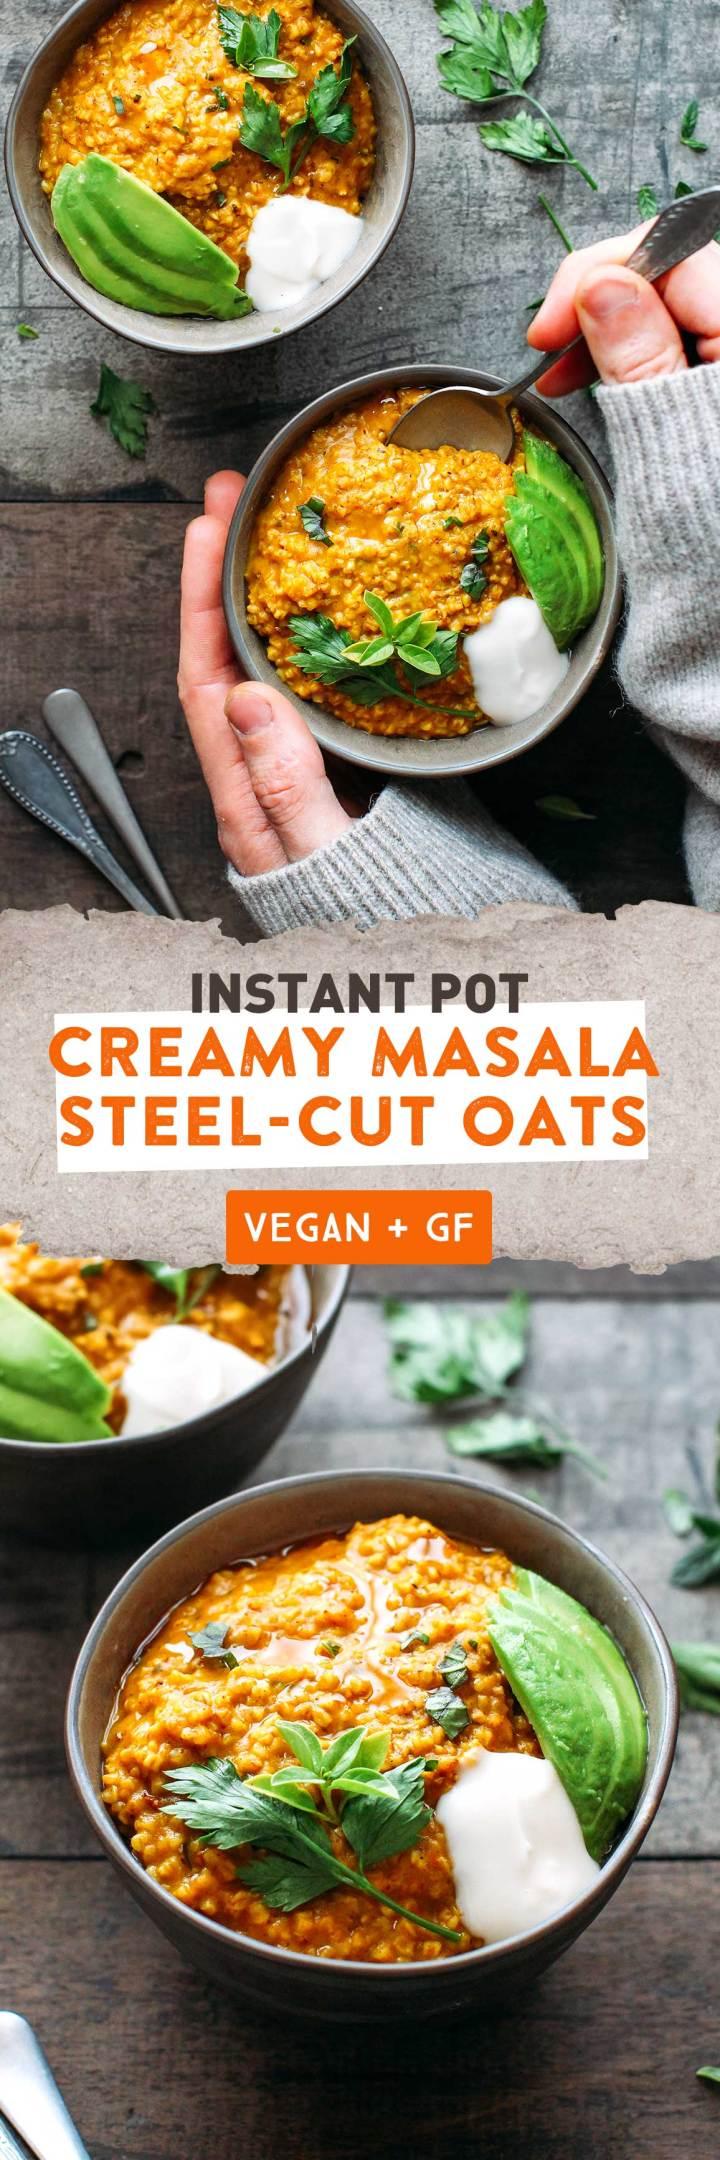 Instant Pot Creamy Masala Steel-Cut Oats